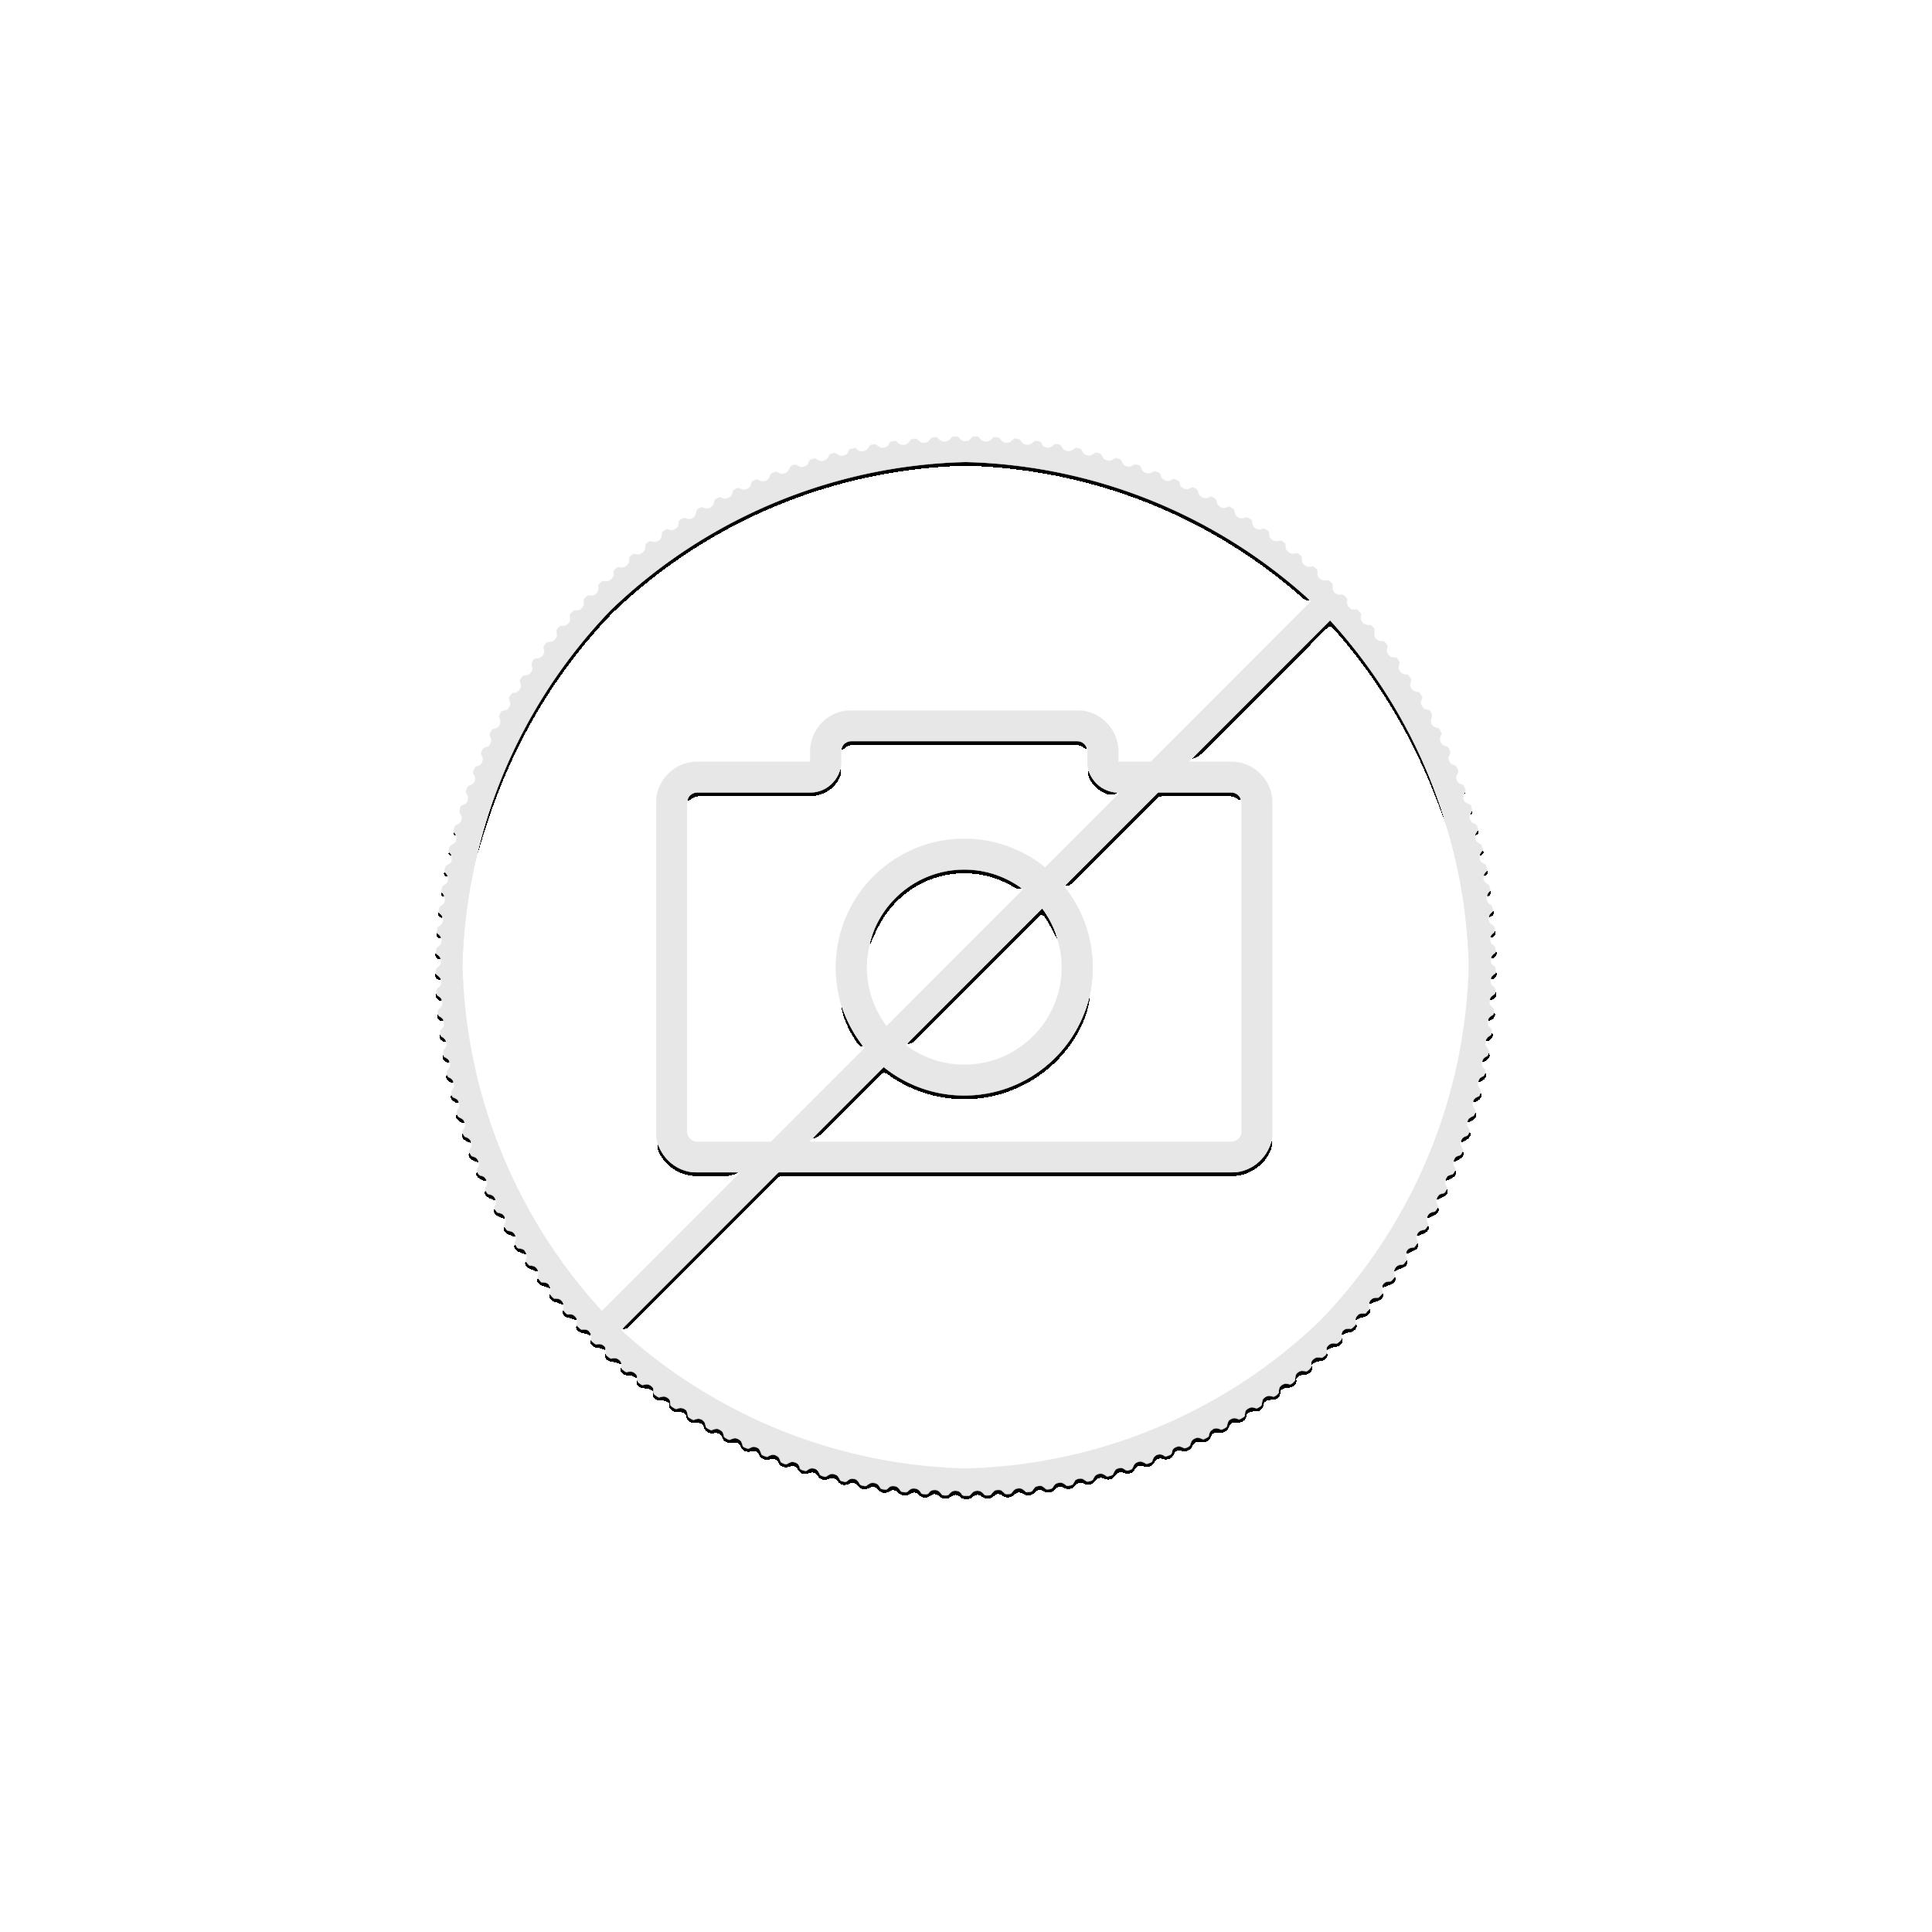 2 troy ounce silver coin Hygeia 2021